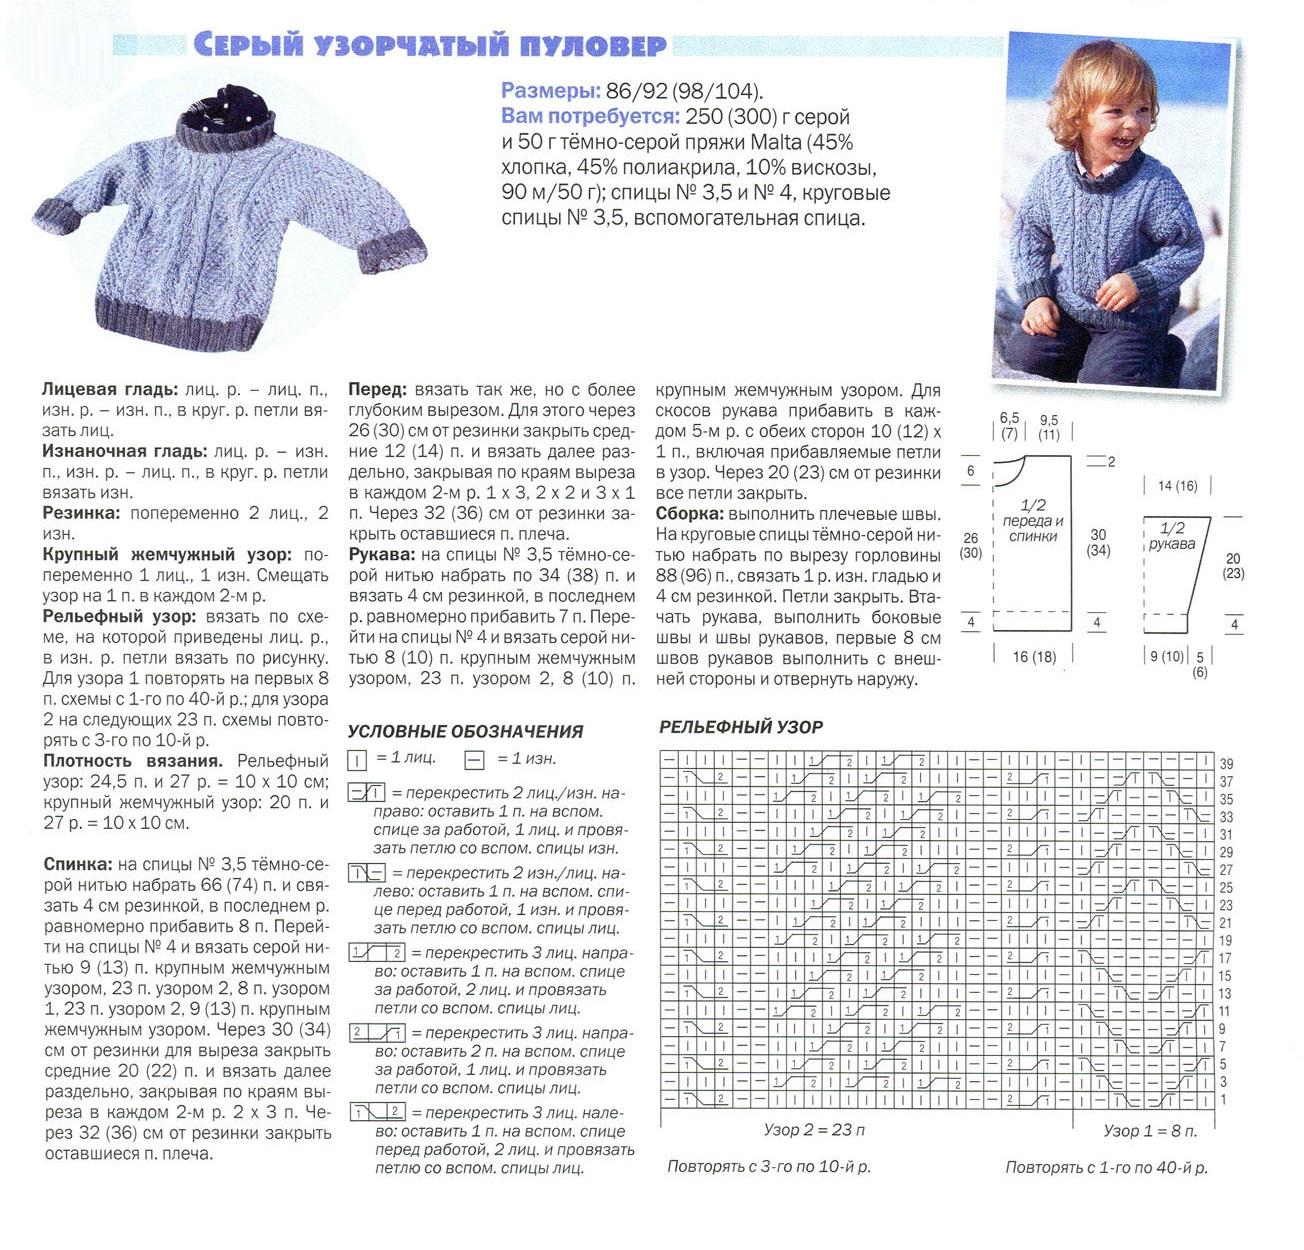 Вязание выкройка свитера для мальчика